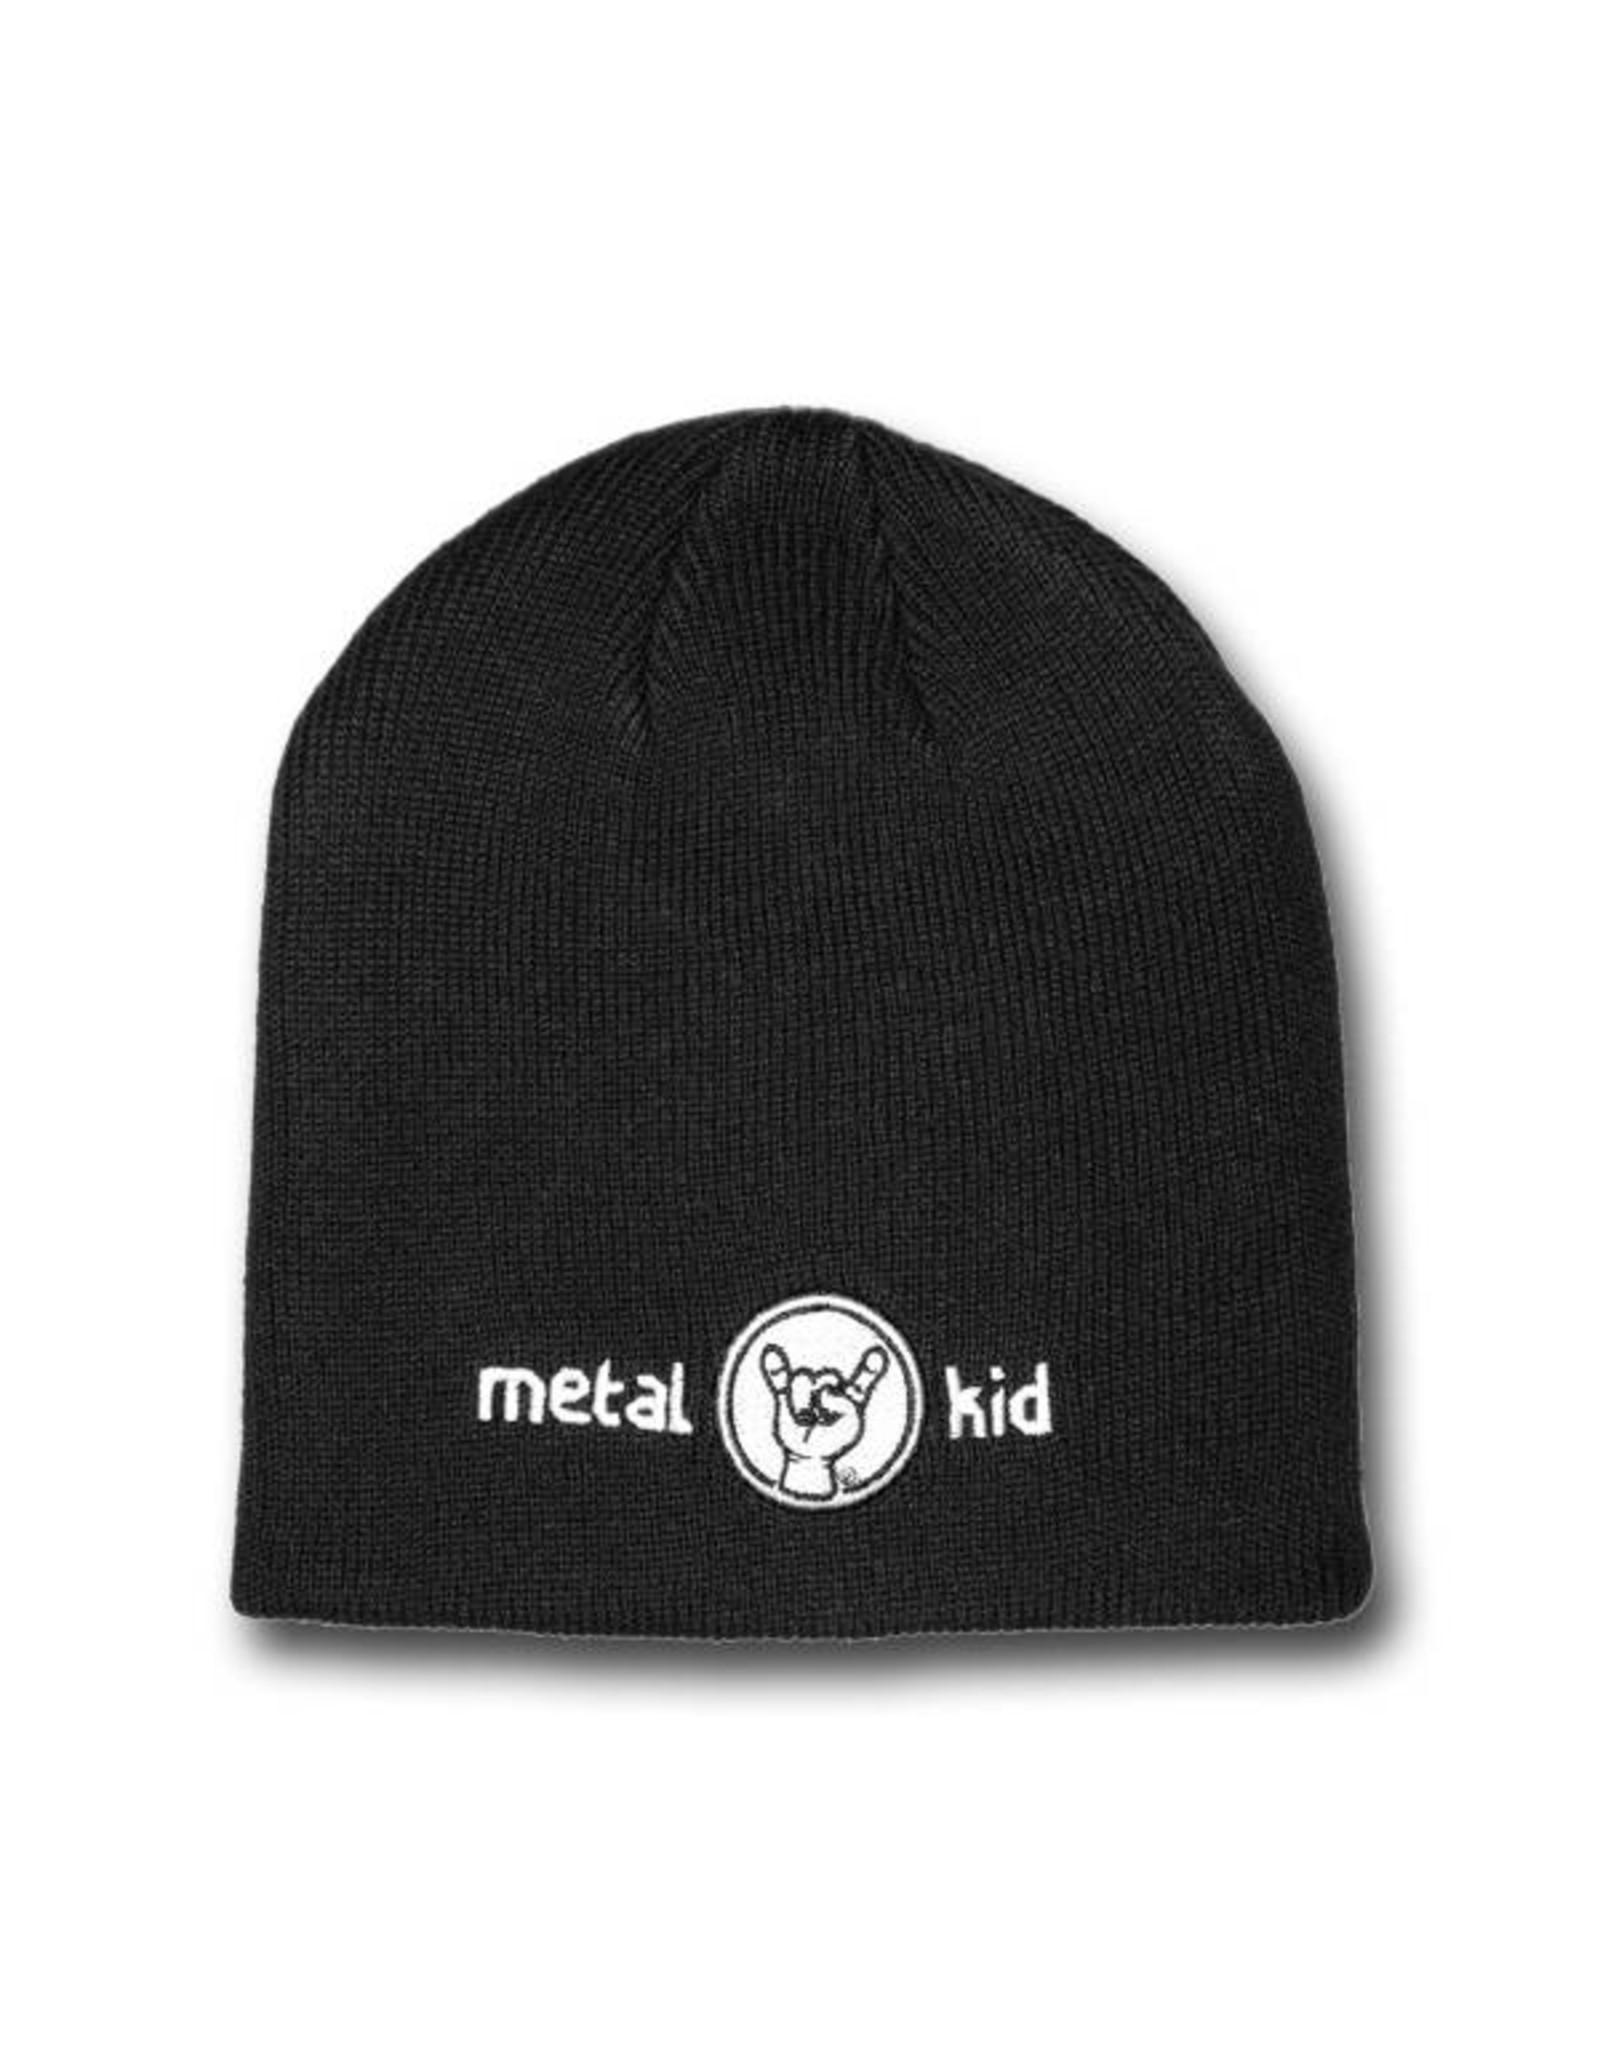 Metal Kid metal kid - Strickmütze